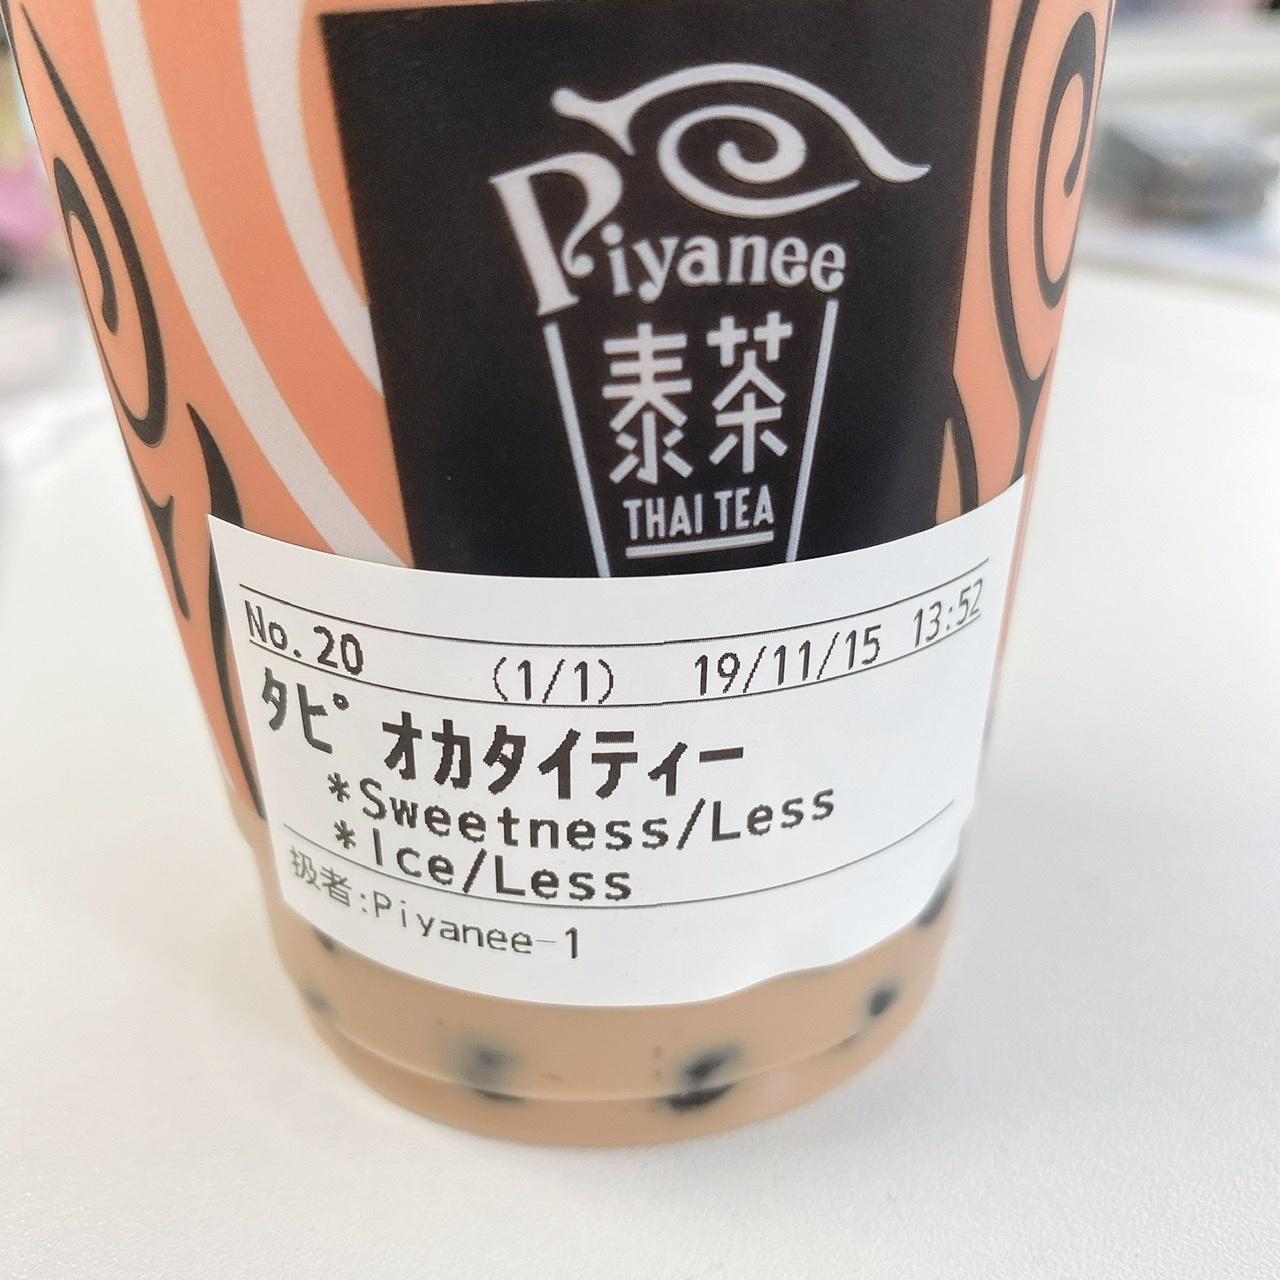 【渋谷タピオカ巡り】#1 日本初のタイティースタンド Piyanee(ピヤニ)_1_3